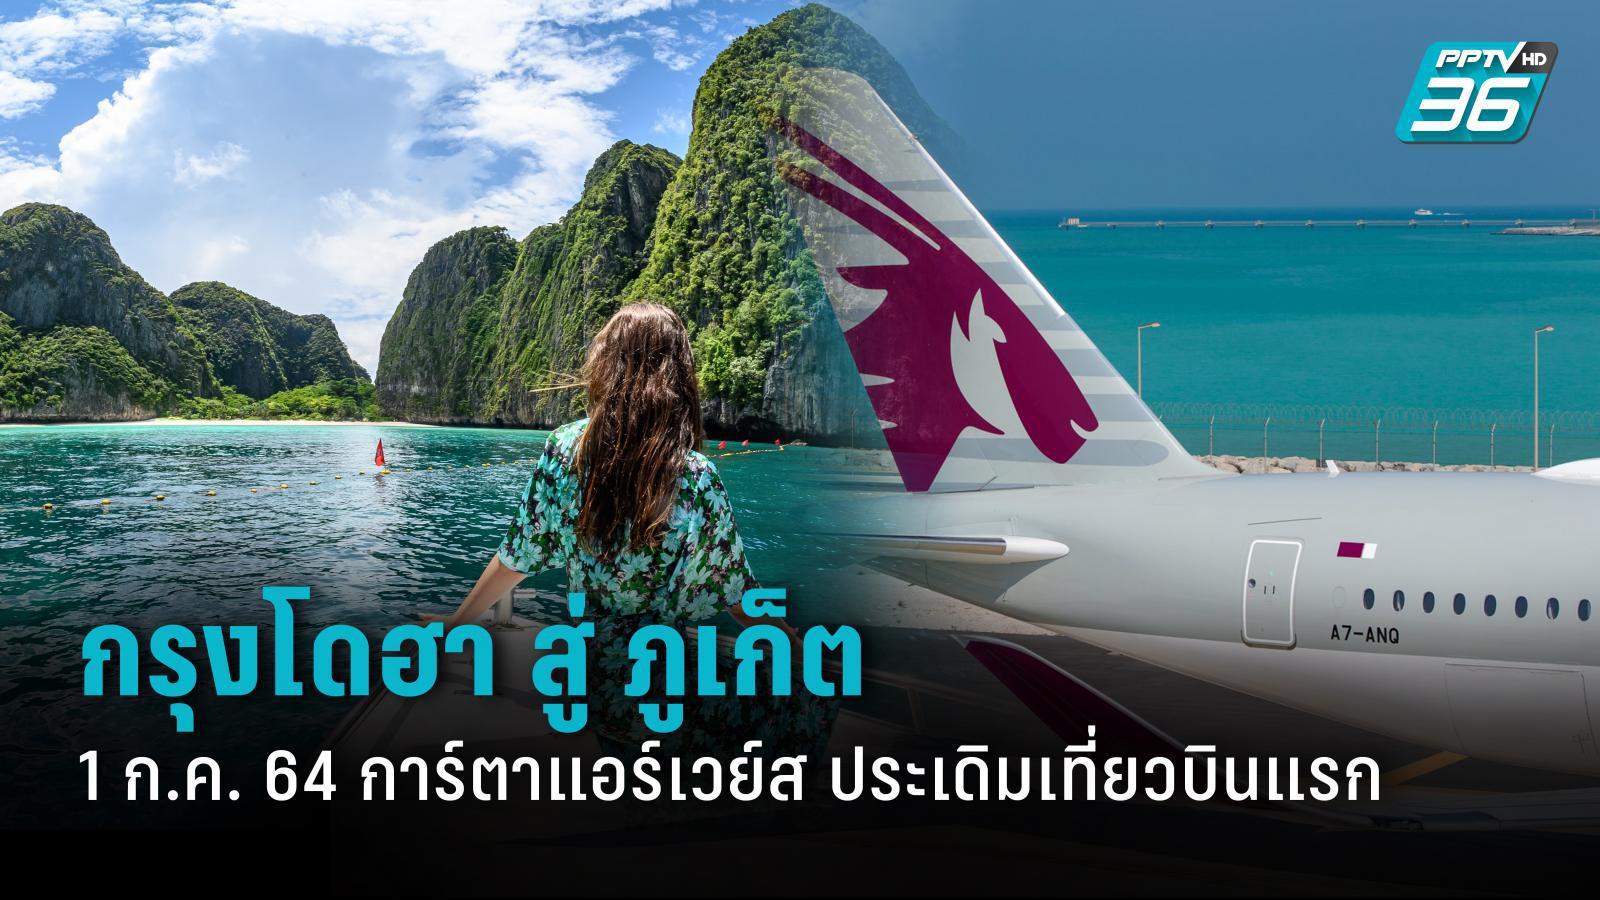 1 ก.ค. การ์ตาแอร์เวย์ส ประเดิมเที่ยวบินแรก จาก กรุงโดฮา สู่ ภูเก็ต